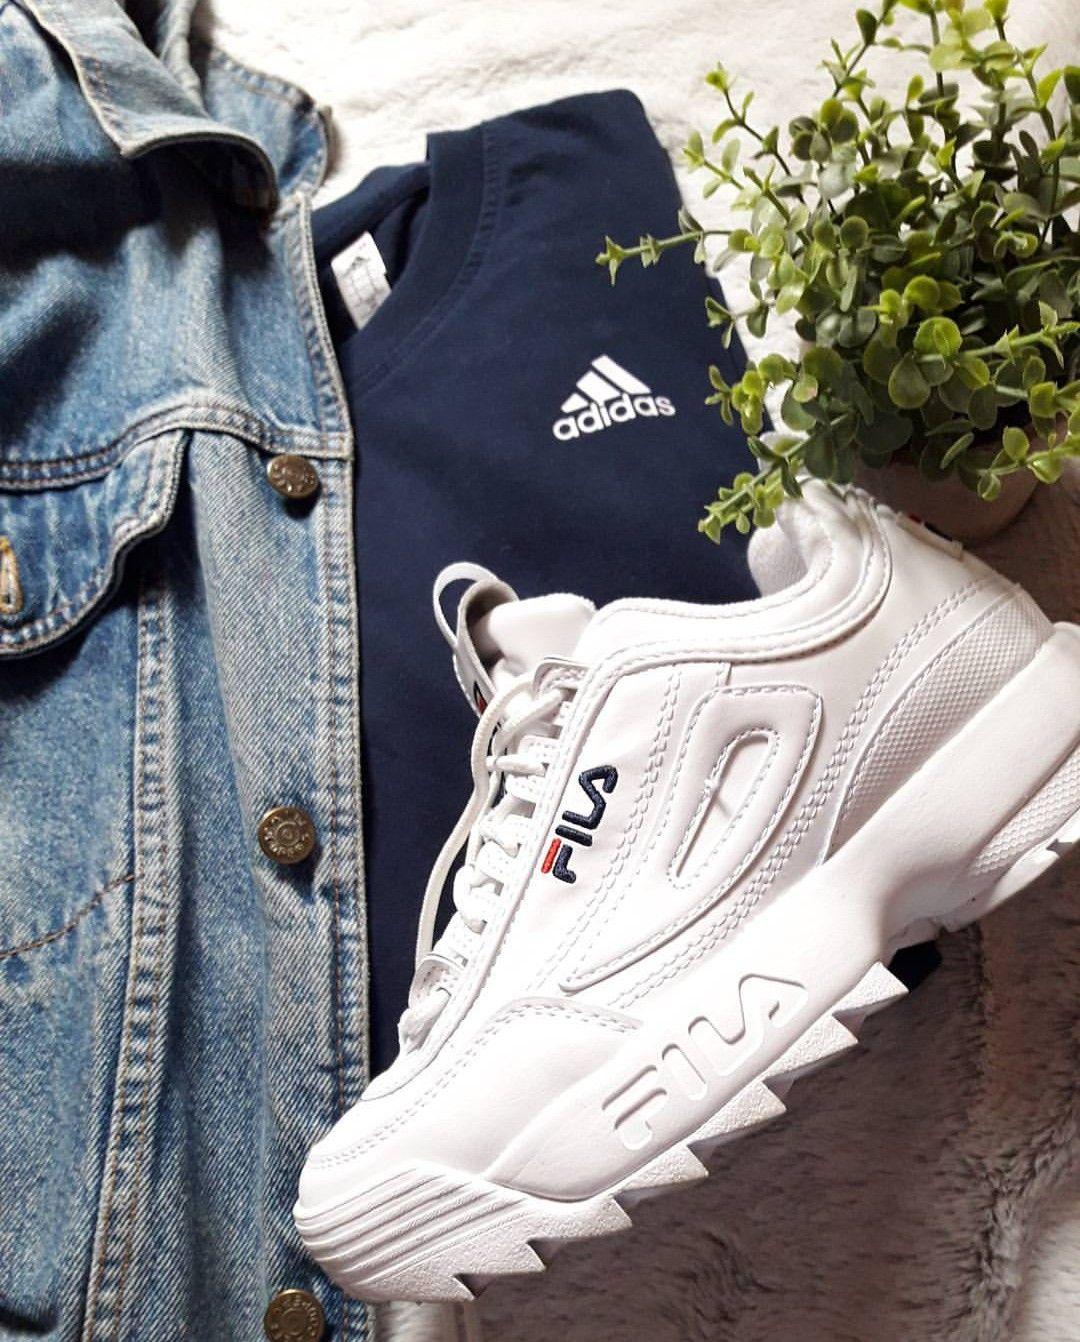 5630257d2cbe25 FILA Disruptor white/weiß // Foto: chlooe_grn |Instagram | Fila shoe ...